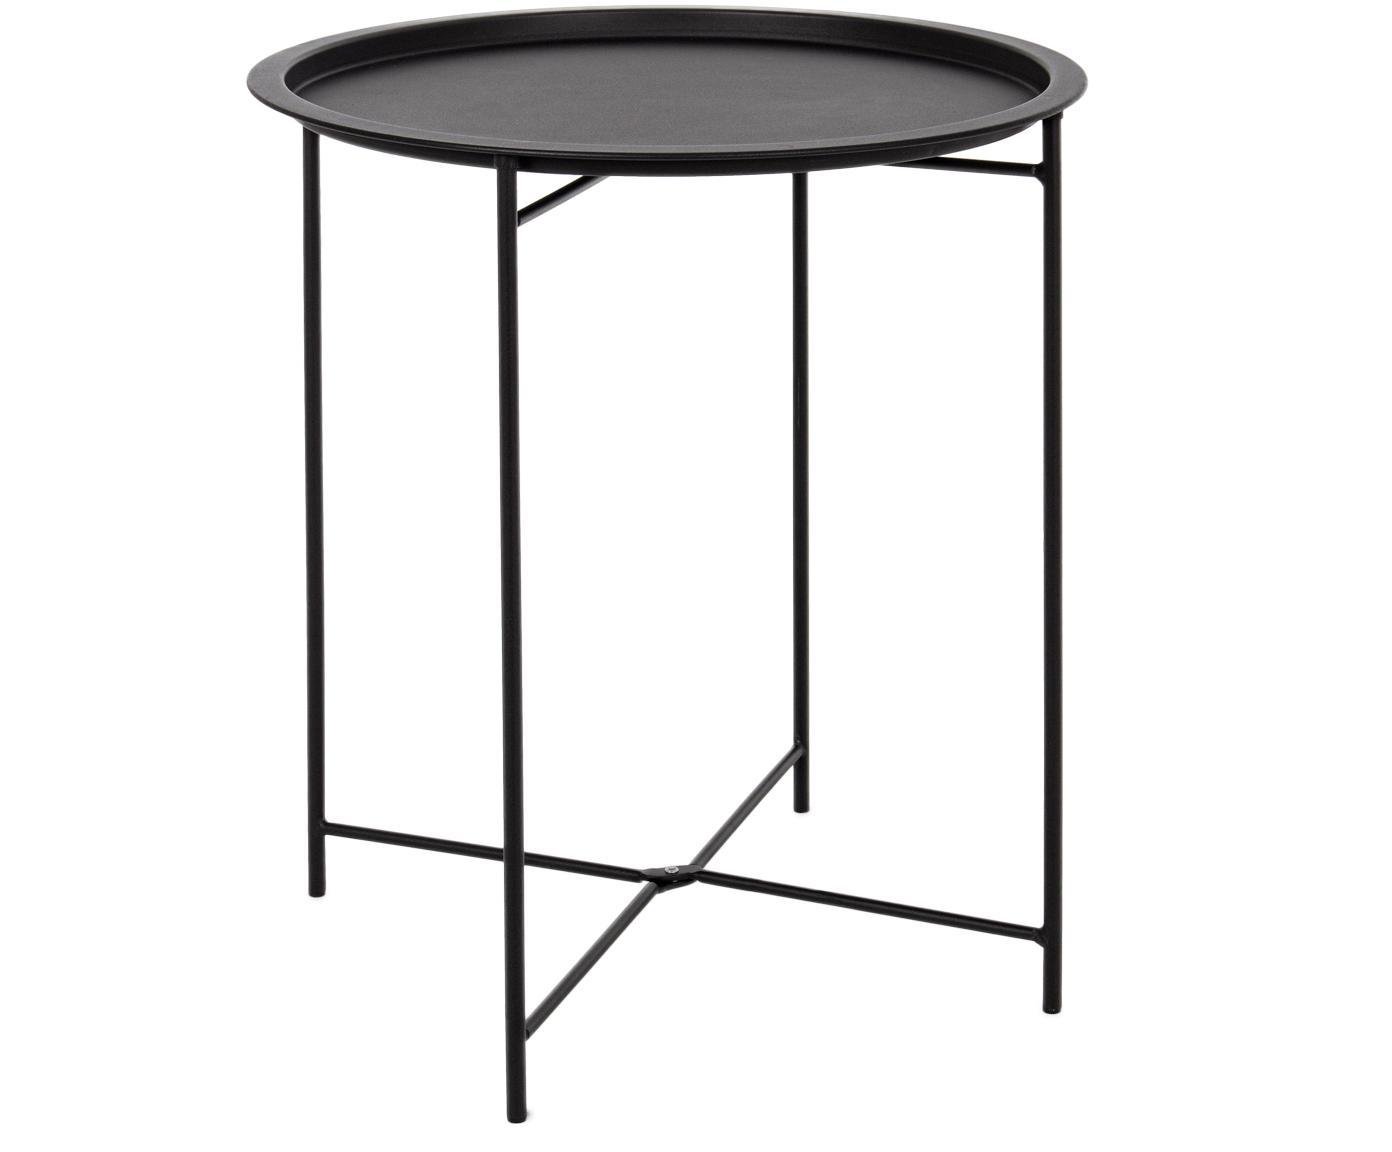 Mesa auxiliar de exterior de metal Wissant, Acero con pintura en polvo, Negro, Ø 46 x Al 52 cm